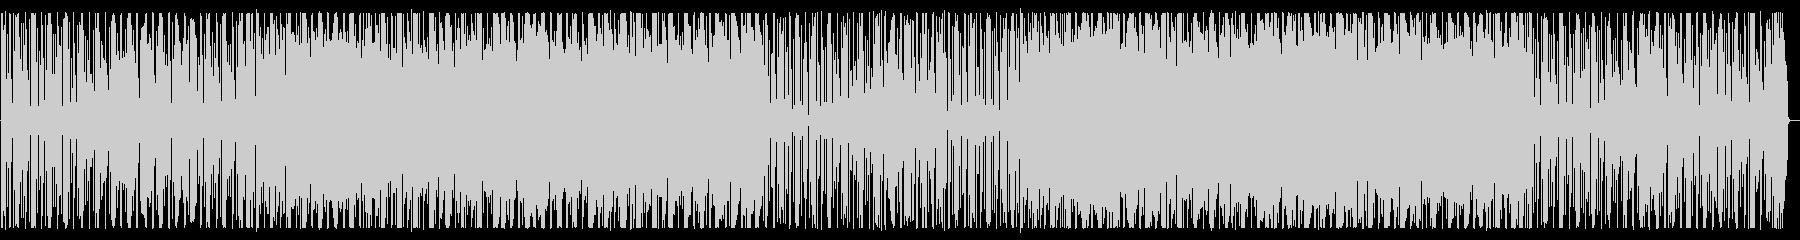 ルーズ/ロック_No592_1の未再生の波形